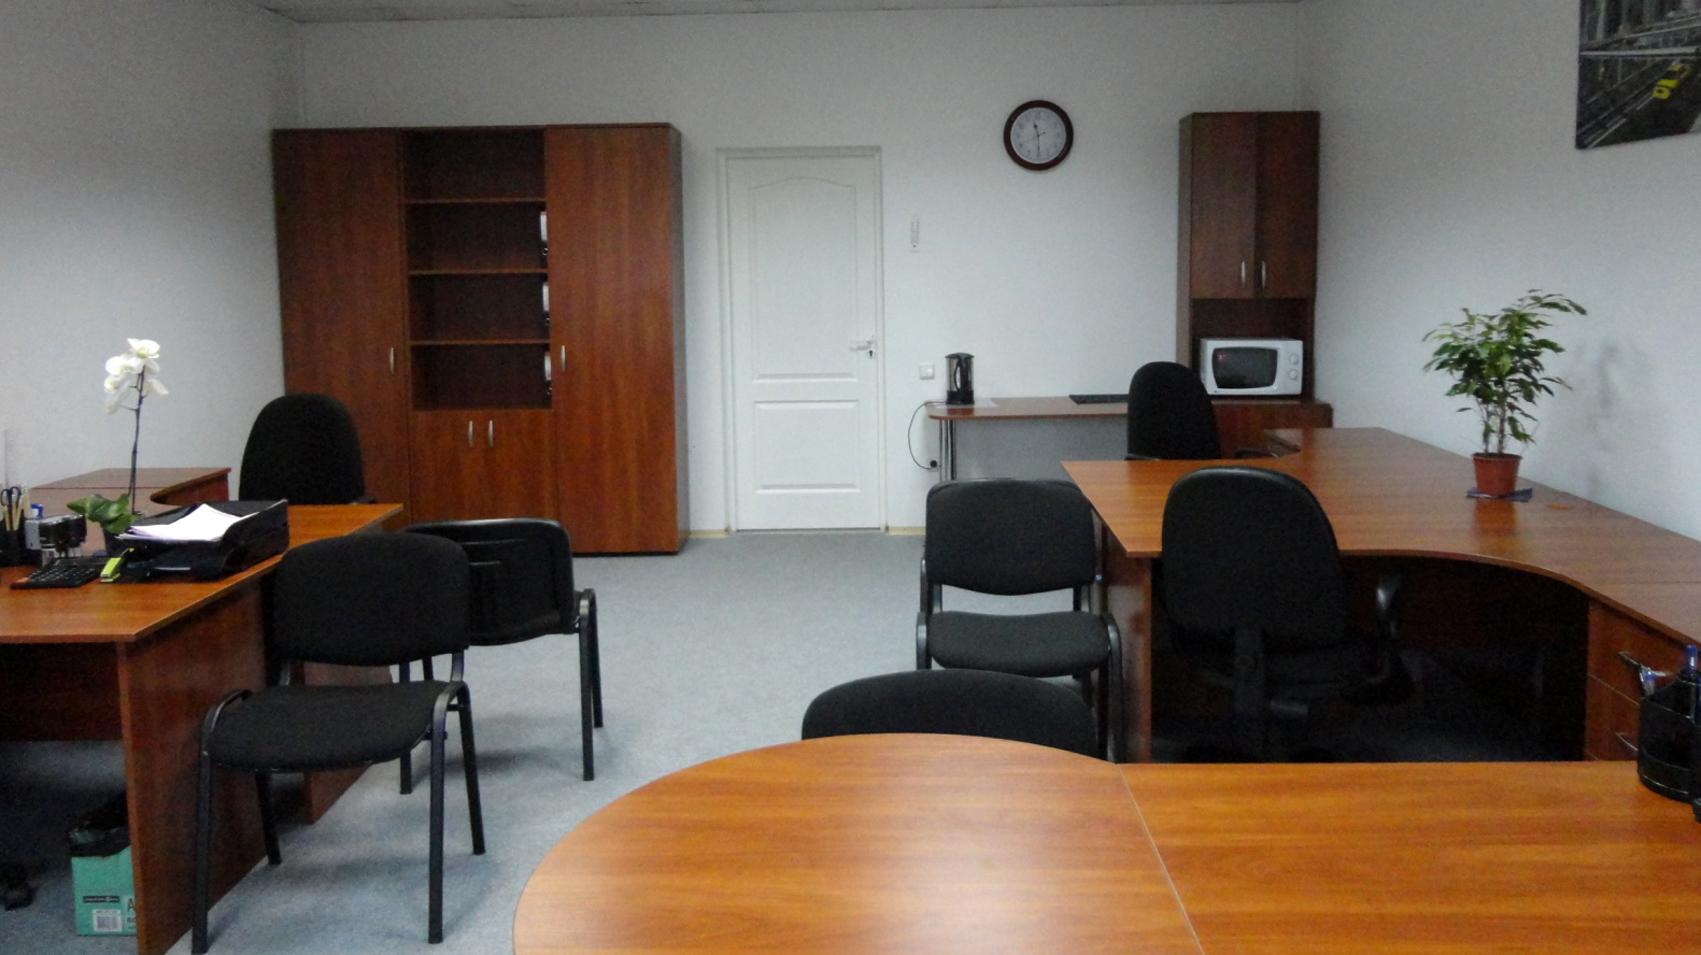 Офис компании Вирок в г. Киев